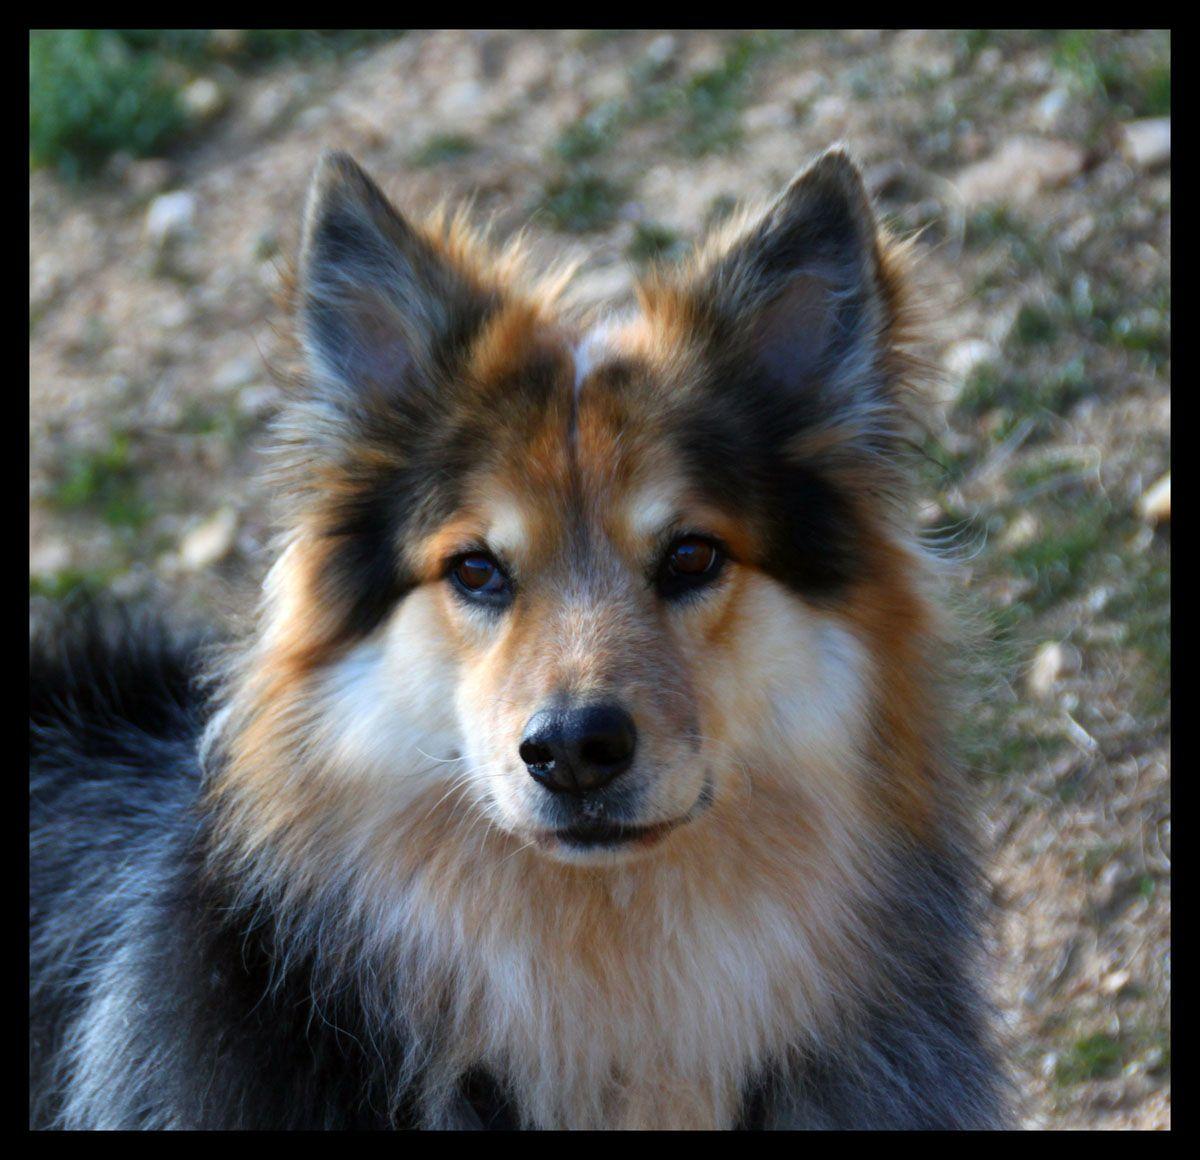 sooo cuteeee Dogs, Animals,